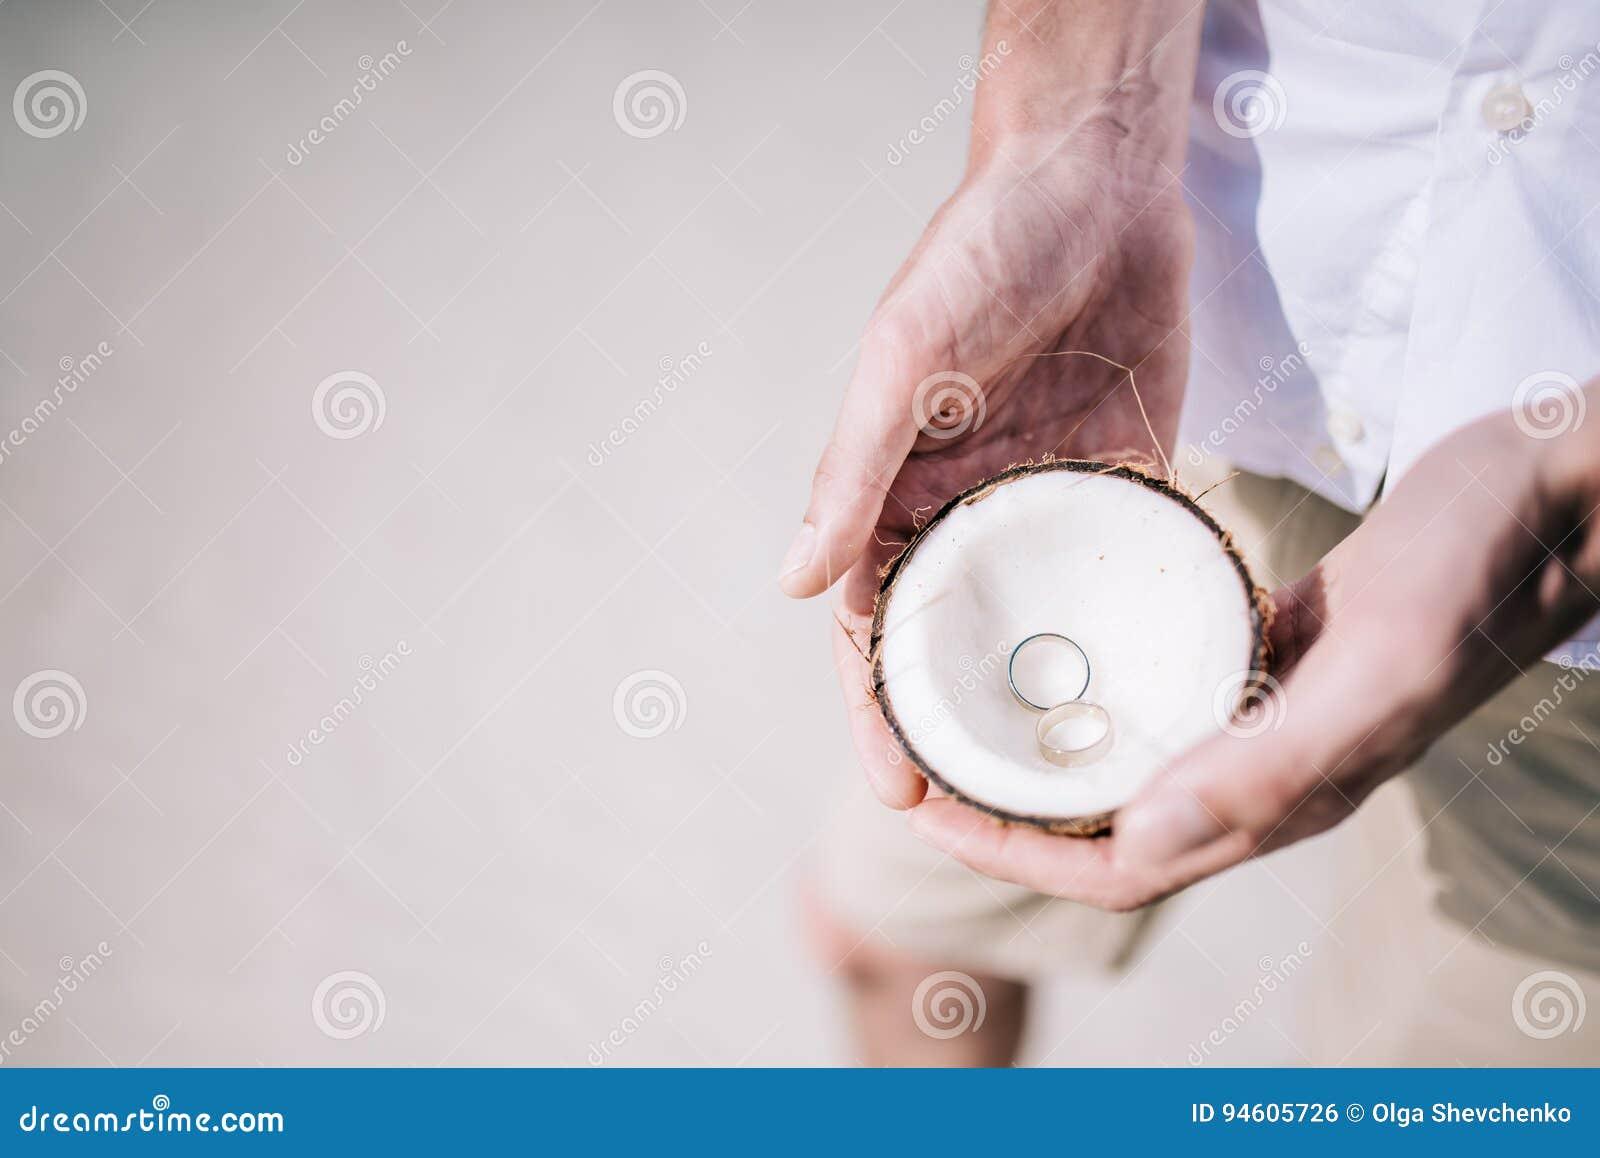 Обручальные кольца внутри кокоса на тропическом пляже